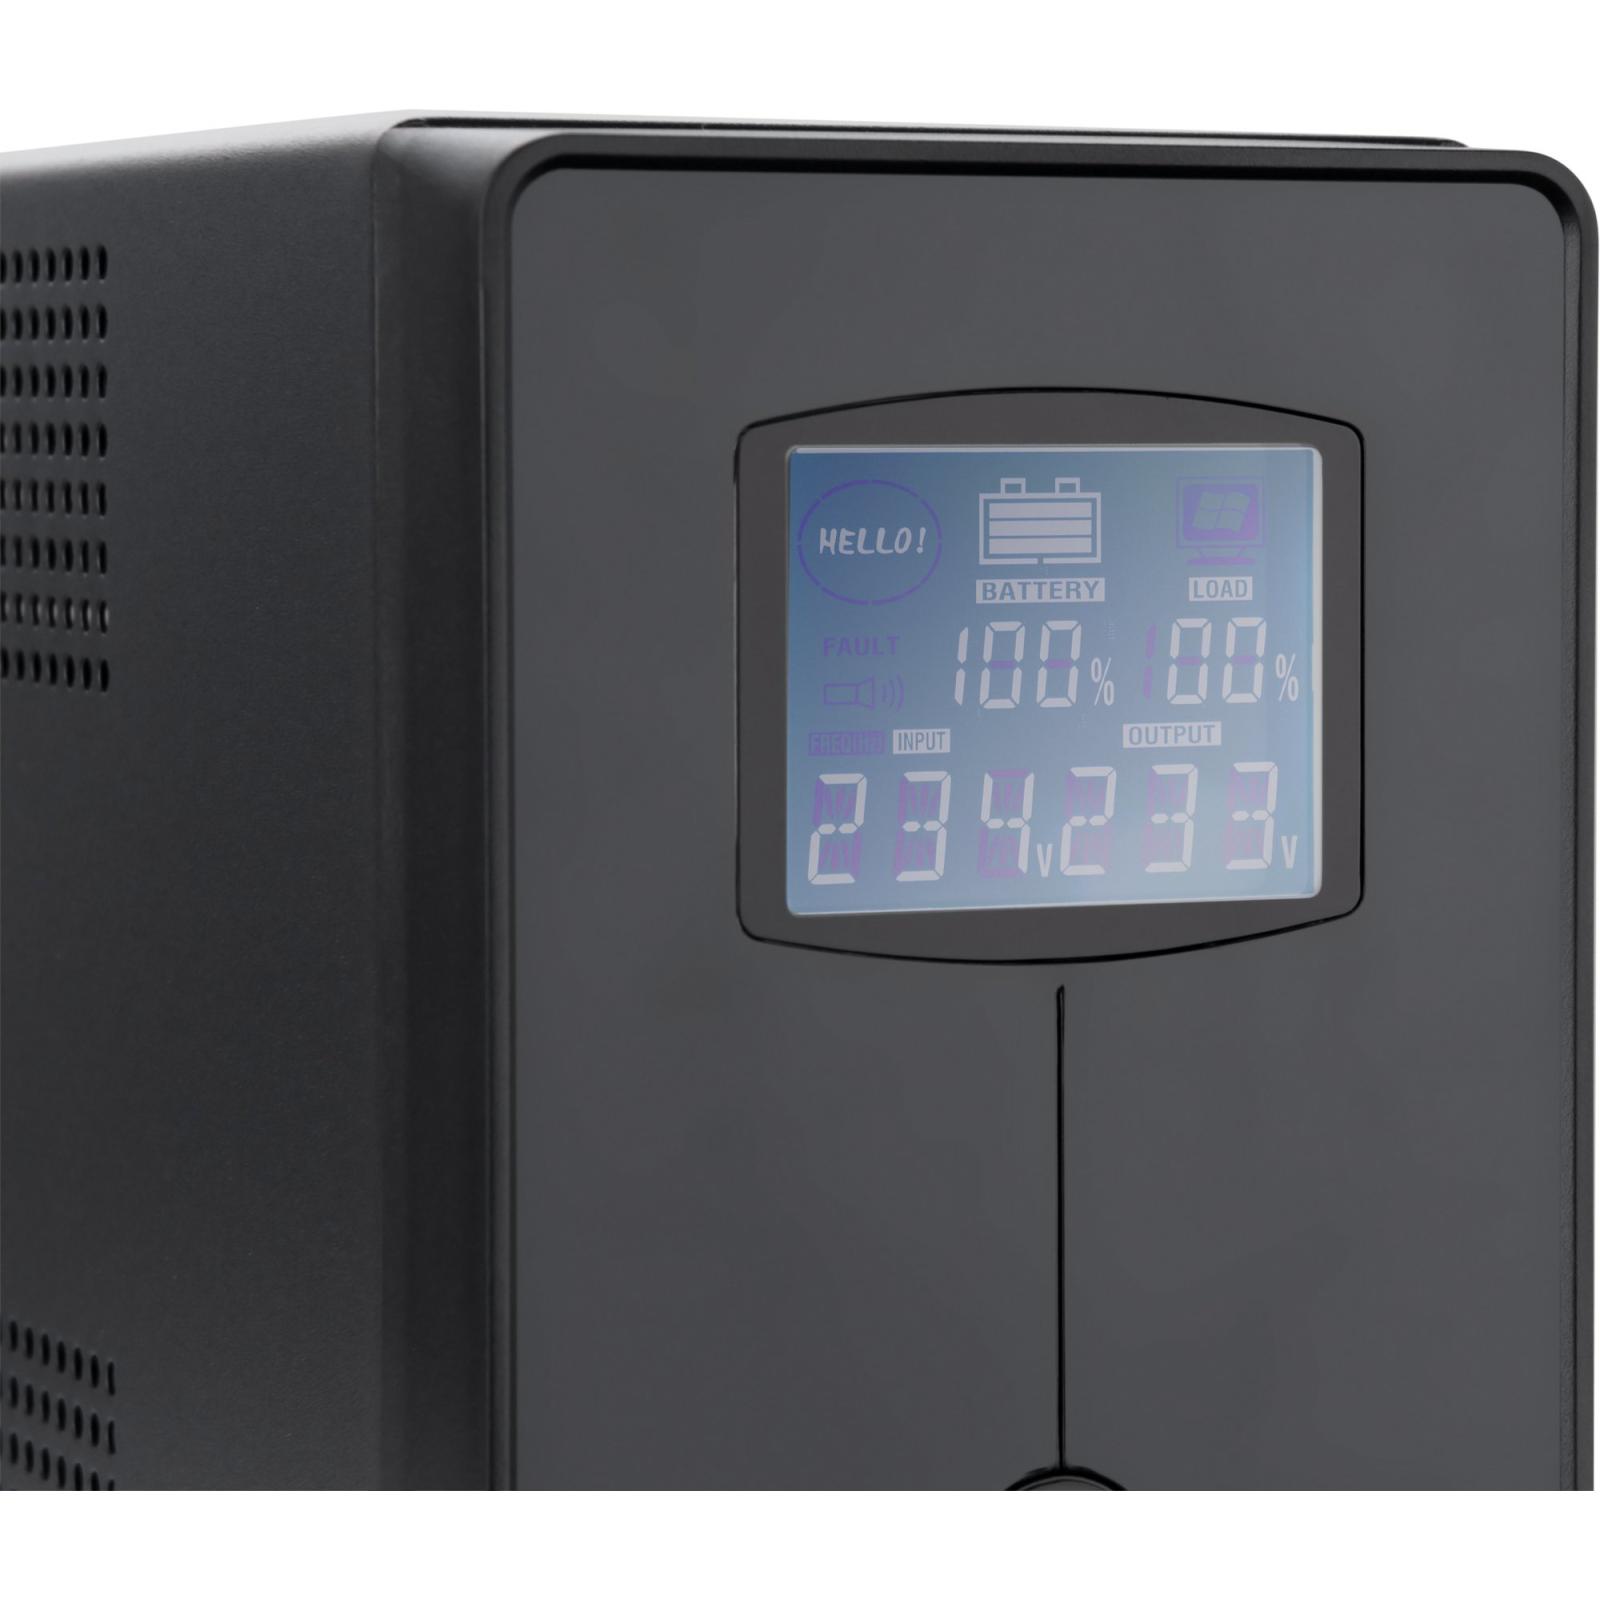 Источник бесперебойного питания Vinga LCD 2000VA metall case (VPC-2000M) изображение 3